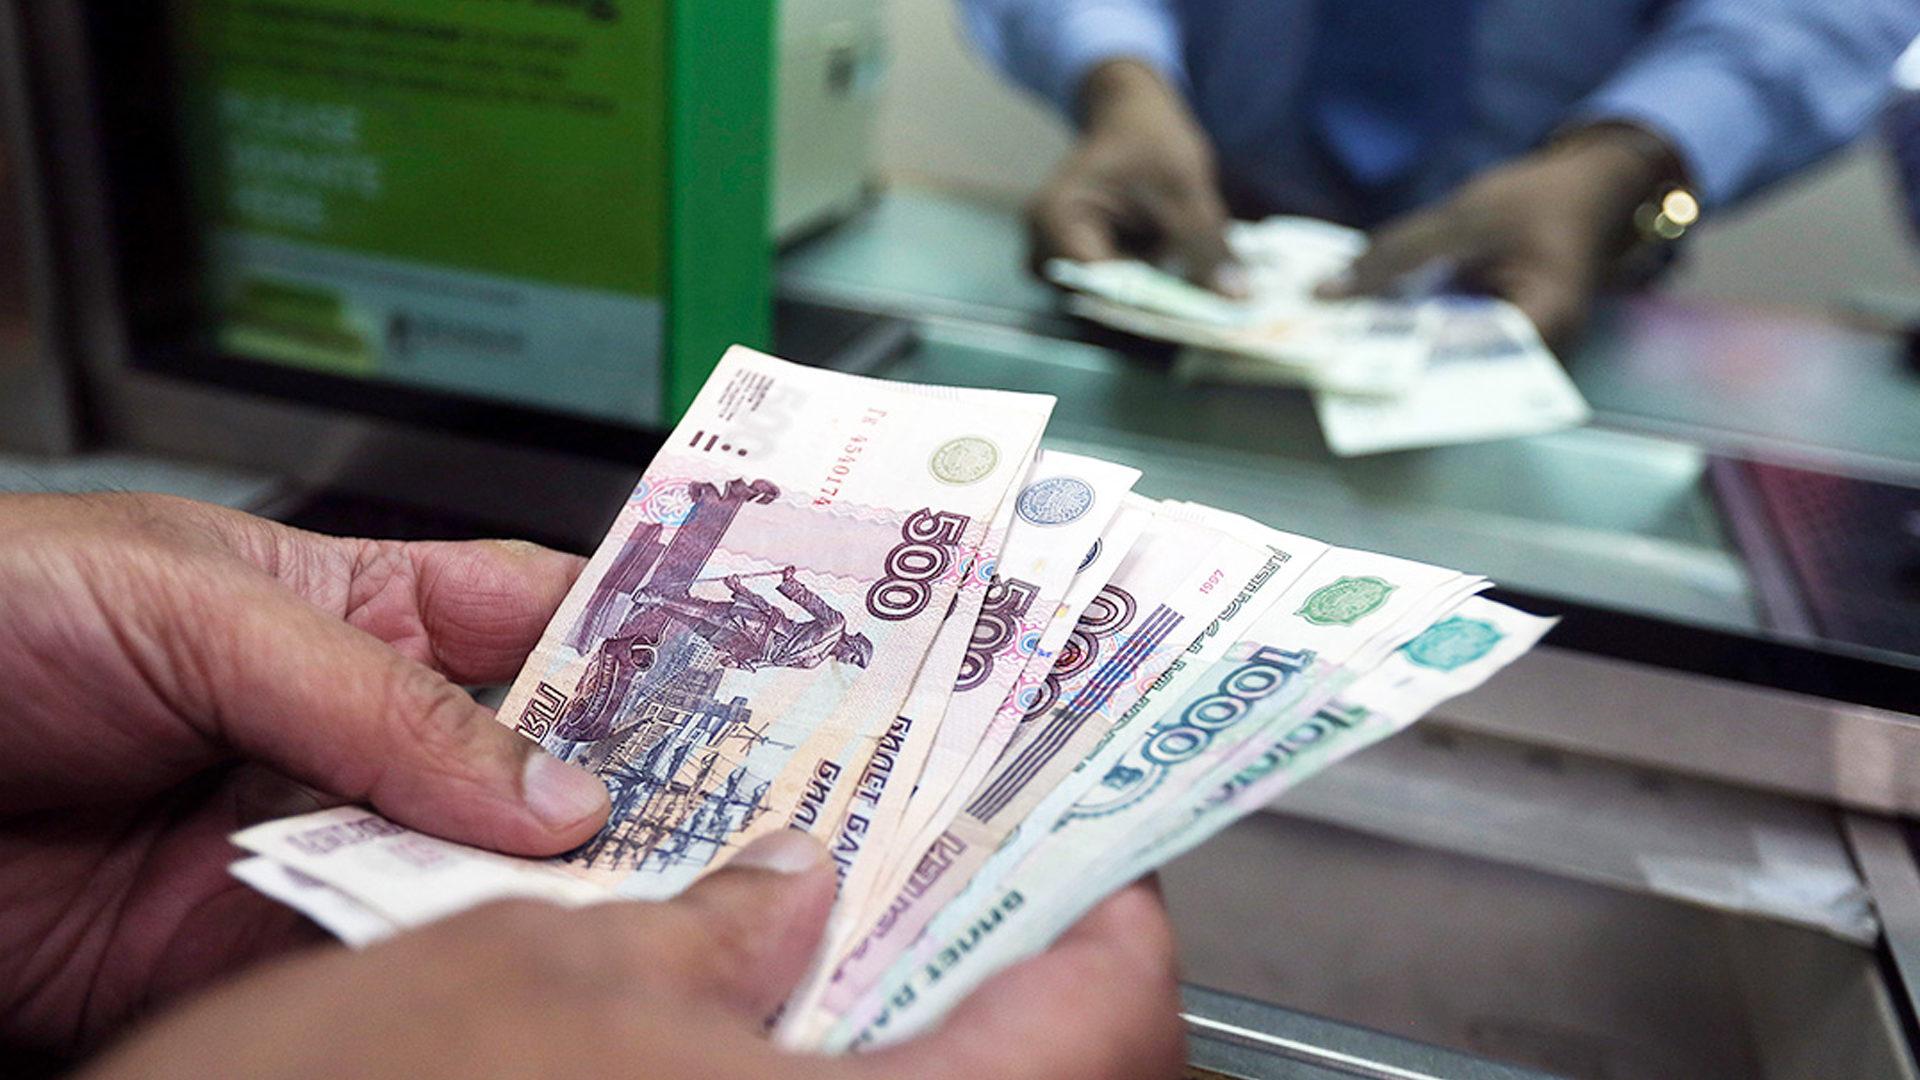 Как можно забрать вклад при банкротстве банка? Основания для лишения банка лицензии. Поддержание контроля процедуры возмещения средств банковским клиентам